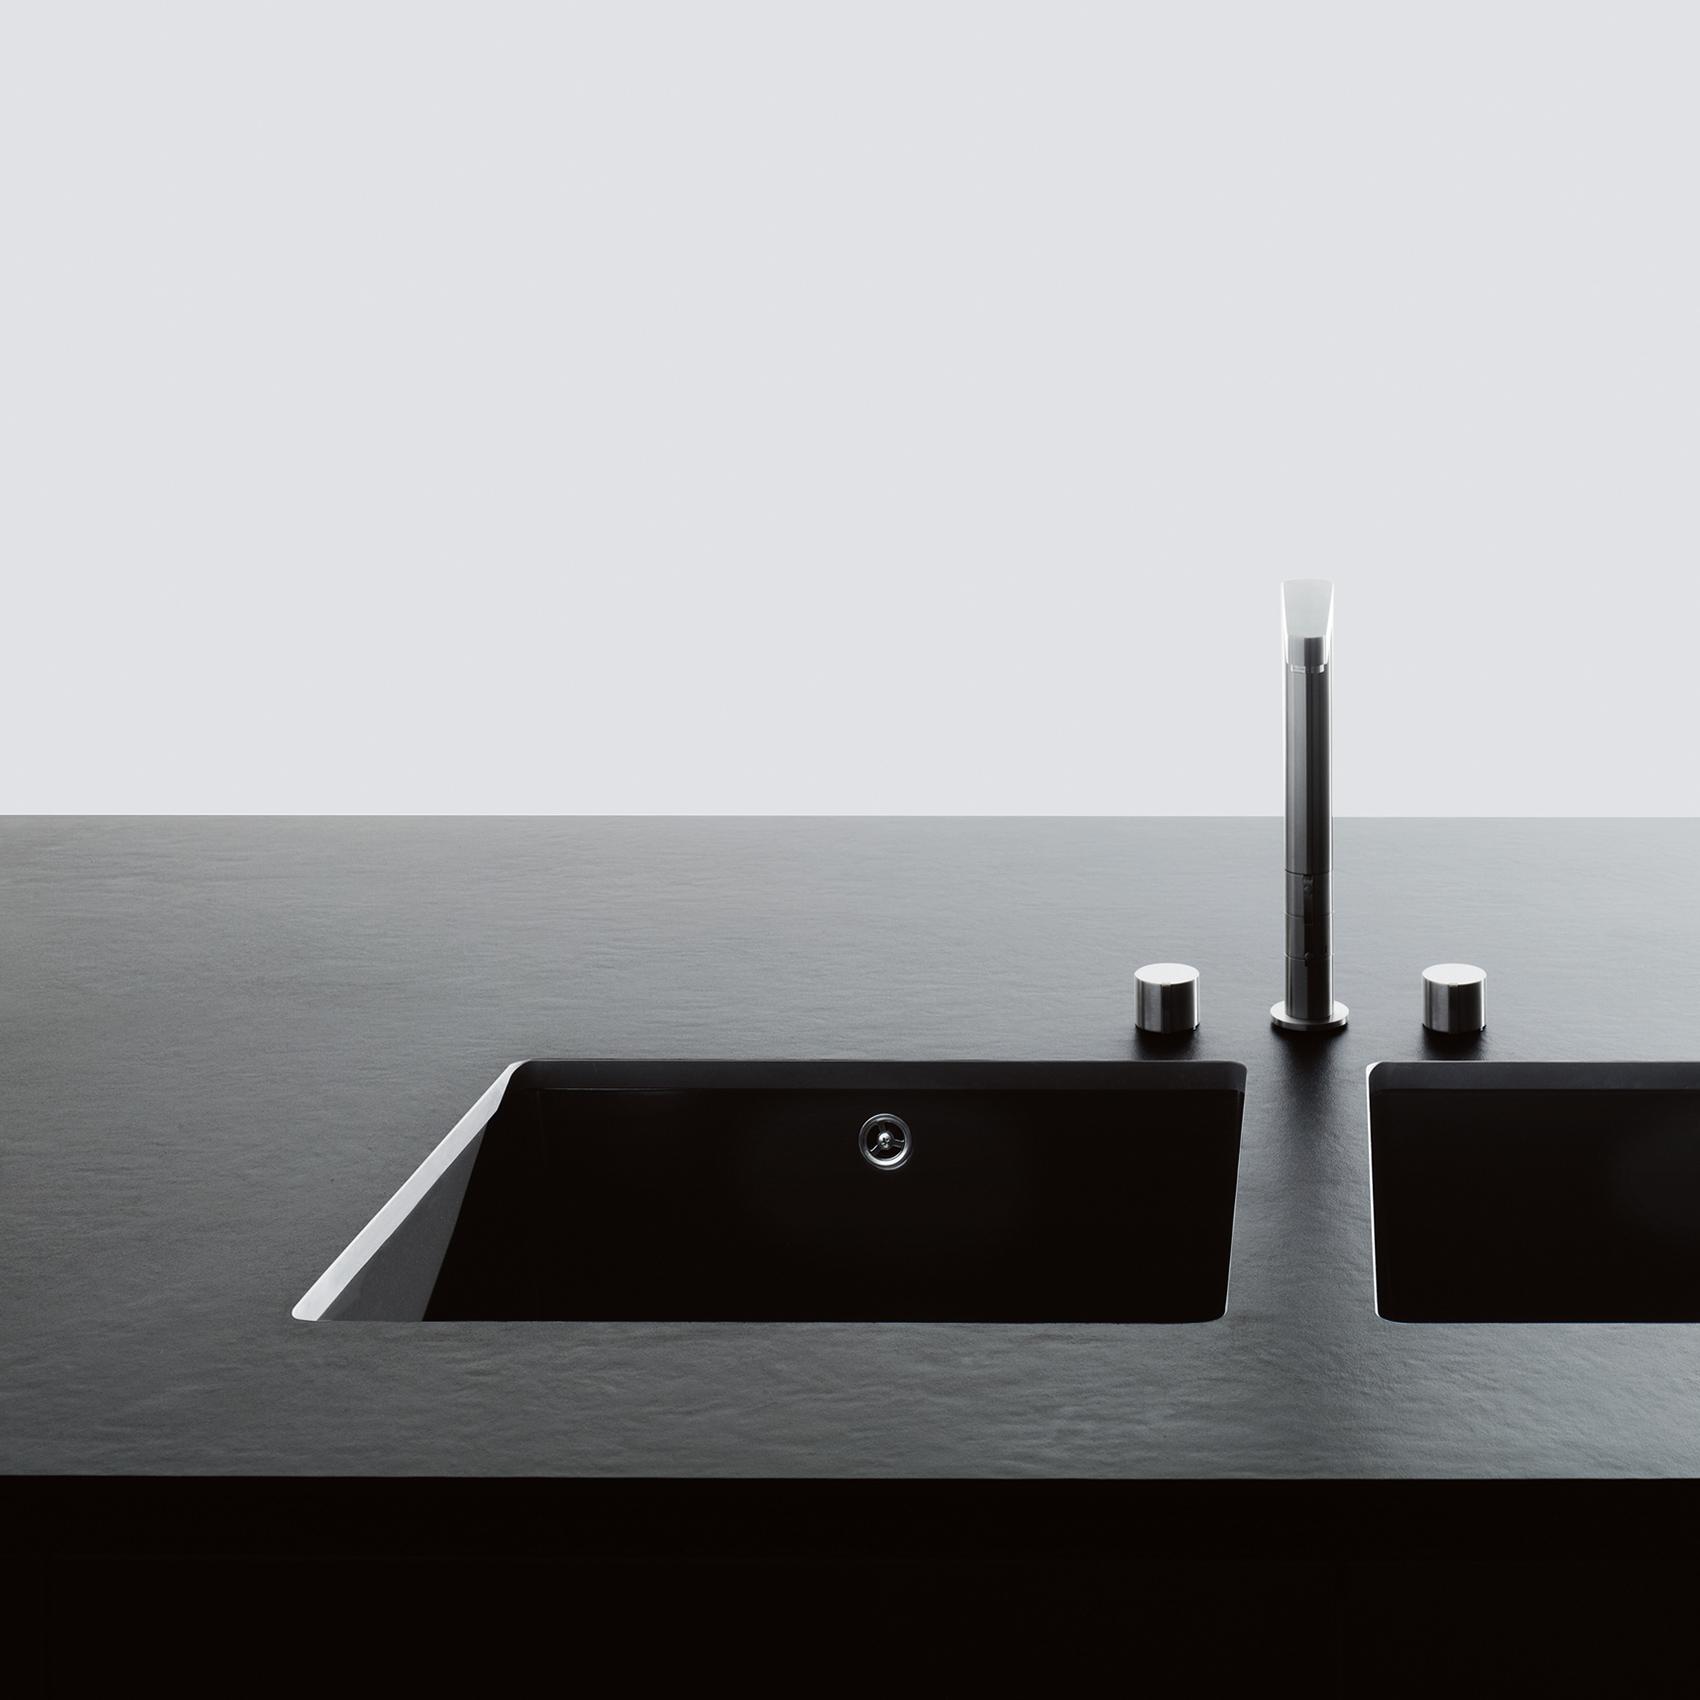 Boffi K14 kitchen sink detail